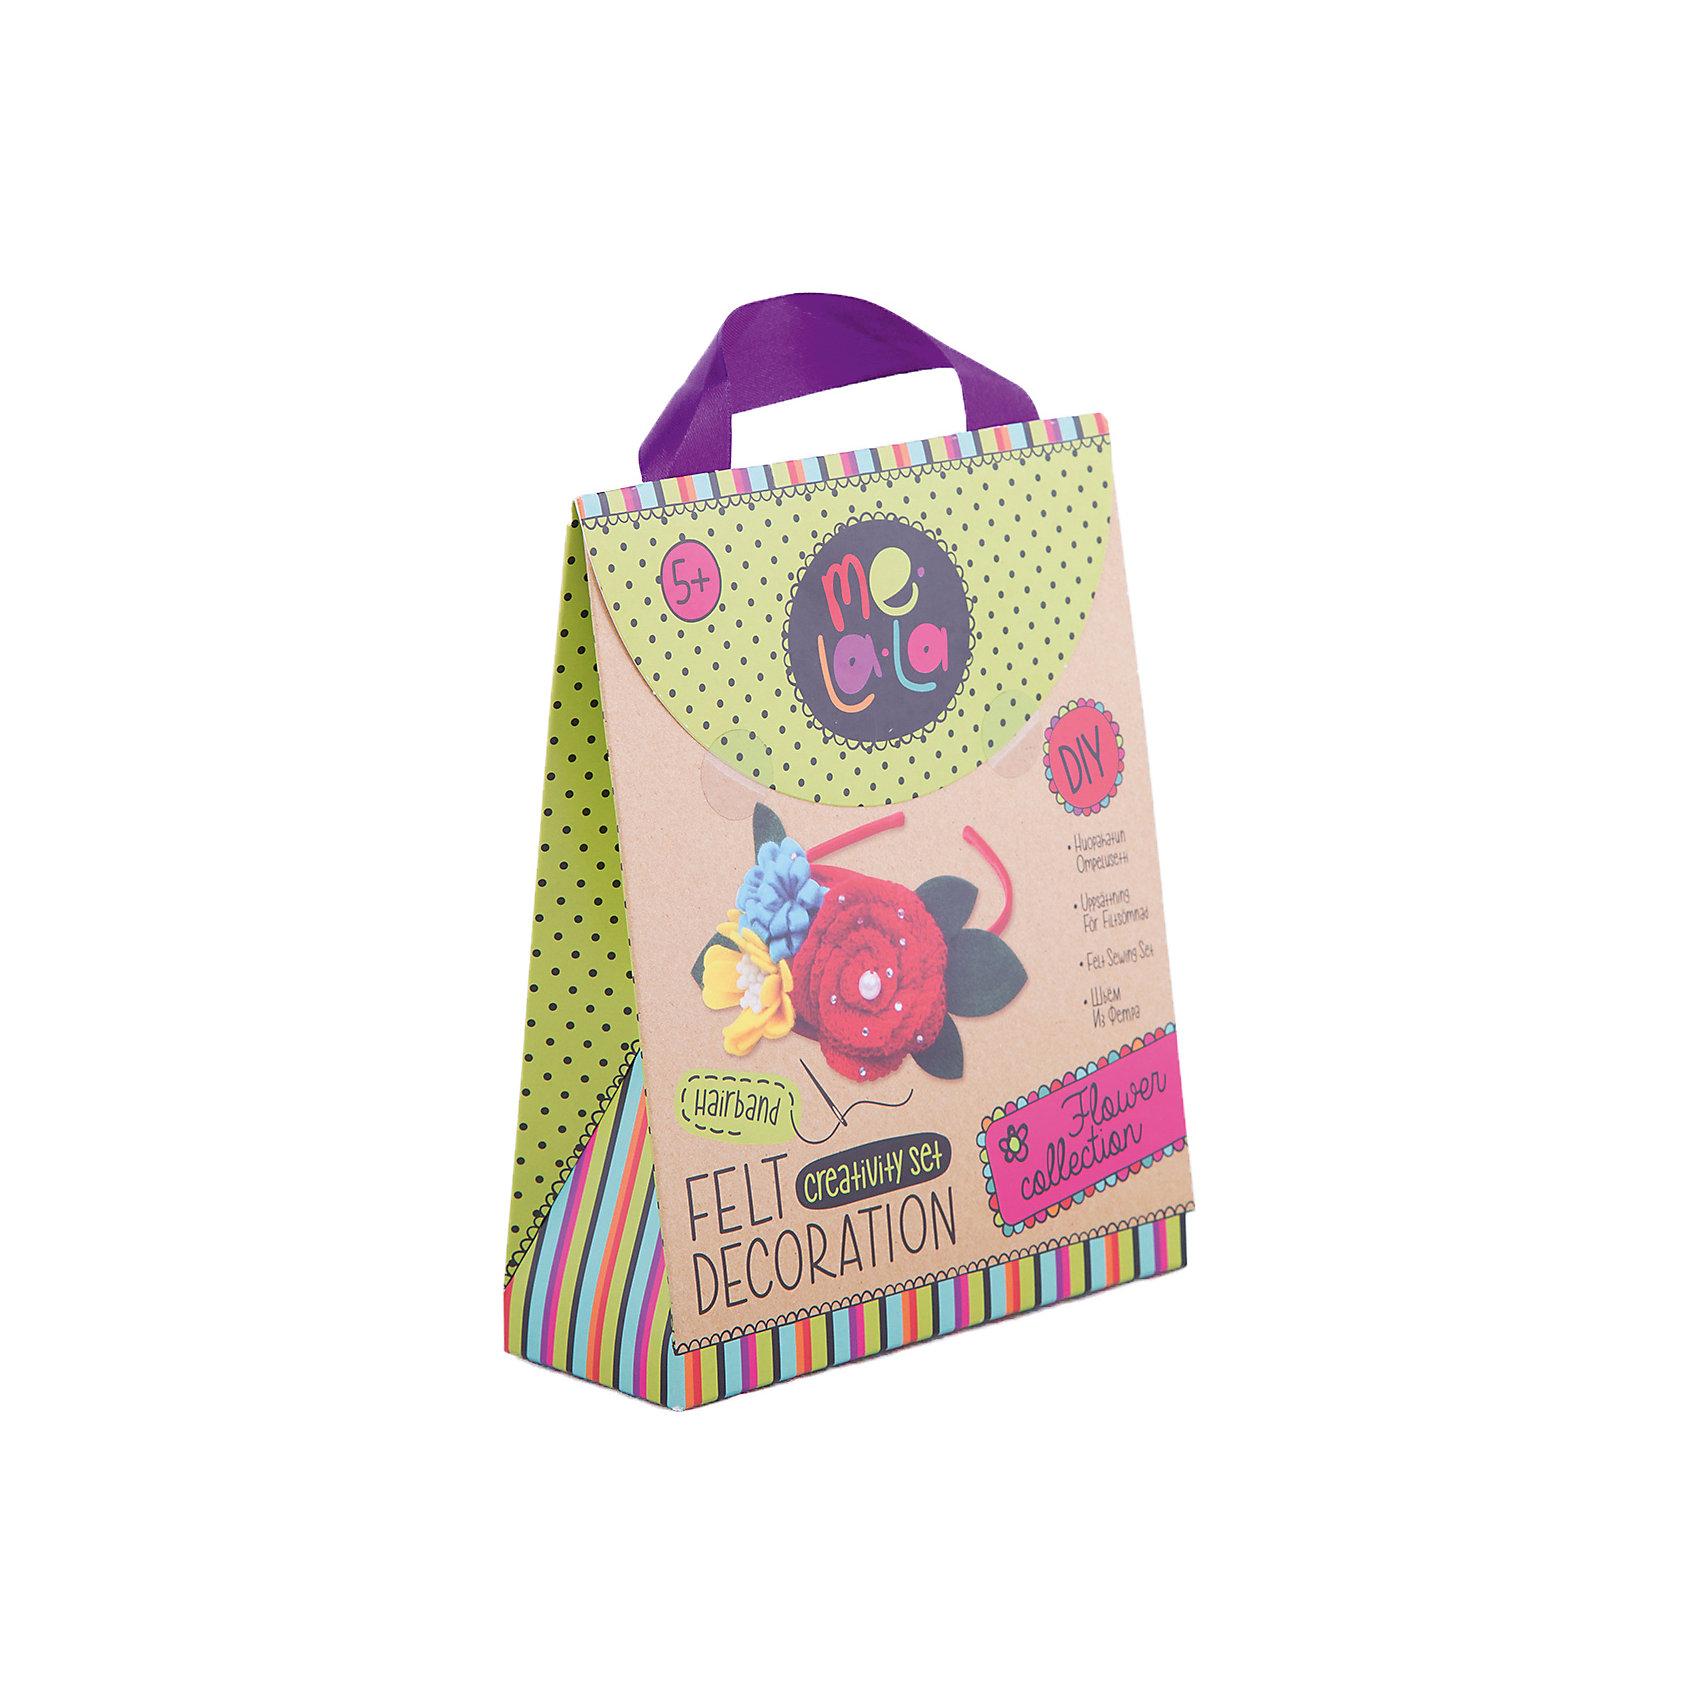 Набор для создания ободка, MeLalaТворческий набор MeLala поможет создать оригинальный аксессуар своими руками. С помощью фетровых заготовок можно сшить красивый ободок, и украсить его стразами и разноцветными бусинами. Набор способствует развитию у ребенка воображения и творческих навыков.<br><br>Дополнительная информация:<br><br>- Возраст: от 5 лет<br>- Материал: фетр, текстиль<br>- В комплекте: детали из фетра, ободок, вязаный цветок, бусина, стразы, безопасная игла, нитки, инструкция<br>- Размер упаковки: 25х20х4 см<br>- Вес: 0.66 кг<br><br>Набор для создания ободка, MeLala можно купить в нашем интернет-магазине.<br><br>Ширина мм: 160<br>Глубина мм: 60<br>Высота мм: 200<br>Вес г: 179<br>Возраст от месяцев: 60<br>Возраст до месяцев: 108<br>Пол: Женский<br>Возраст: Детский<br>SKU: 4834077